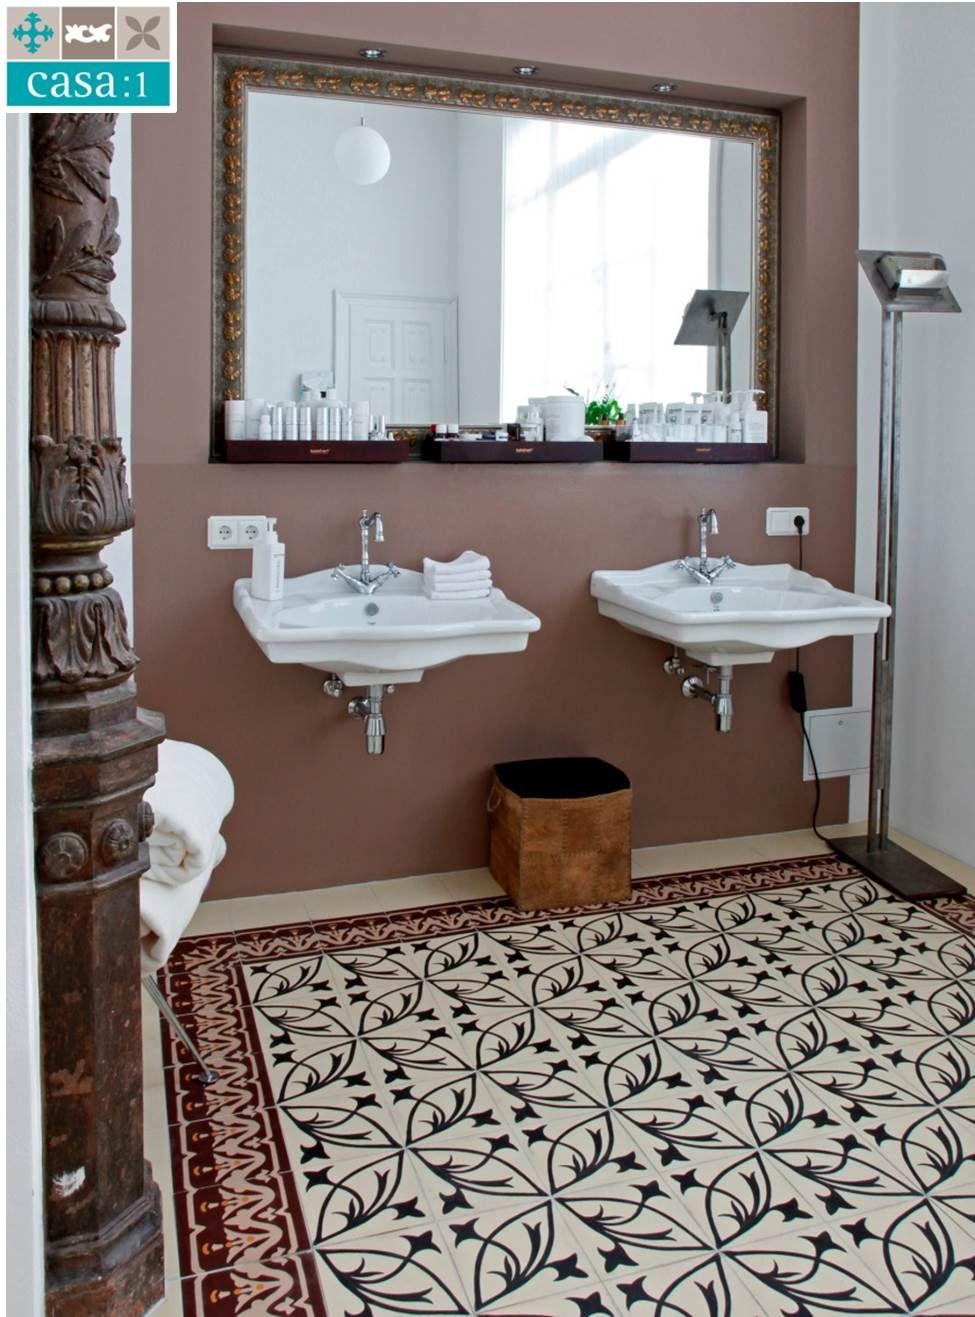 casa 1 sch ner boden f r sch ne menschen bei probeauty promedis hannover institut f r. Black Bedroom Furniture Sets. Home Design Ideas